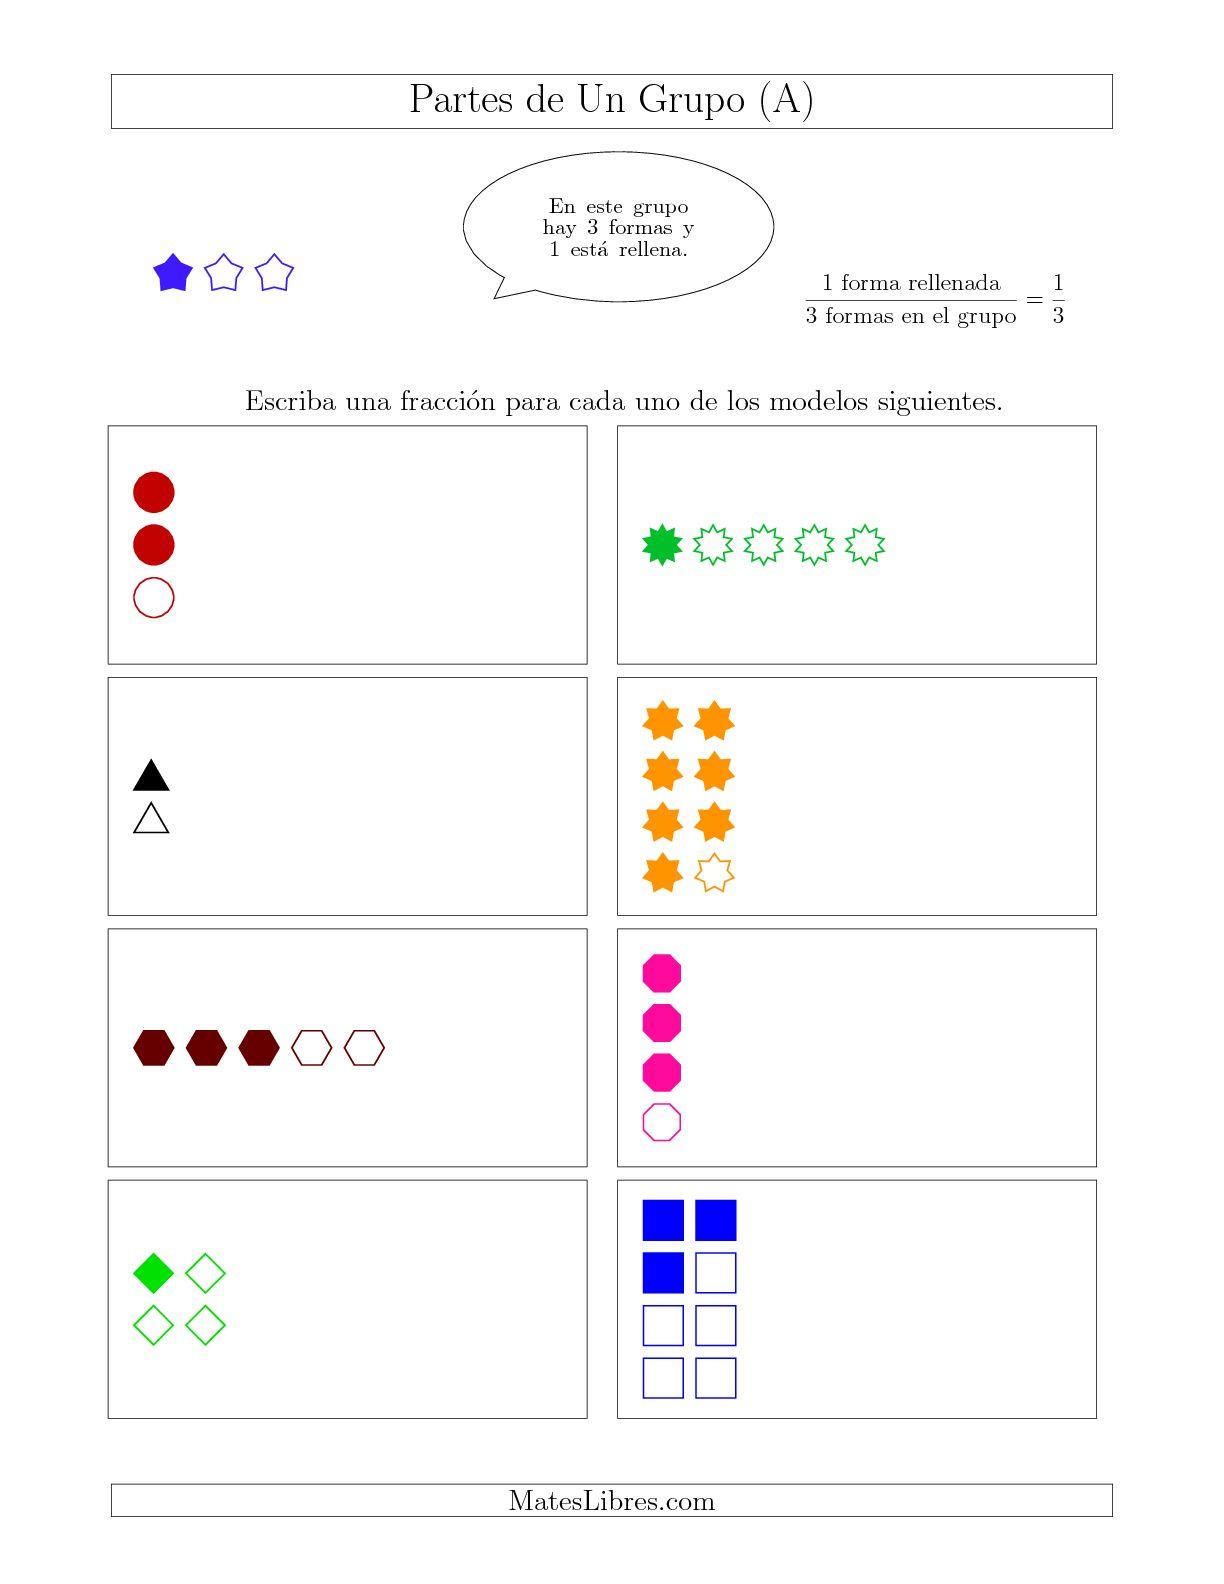 La Modelos de Fracciones Simplificadas de Un Grupo, hasta Octavos (A) Hoja de Ejercicio de Fracciones